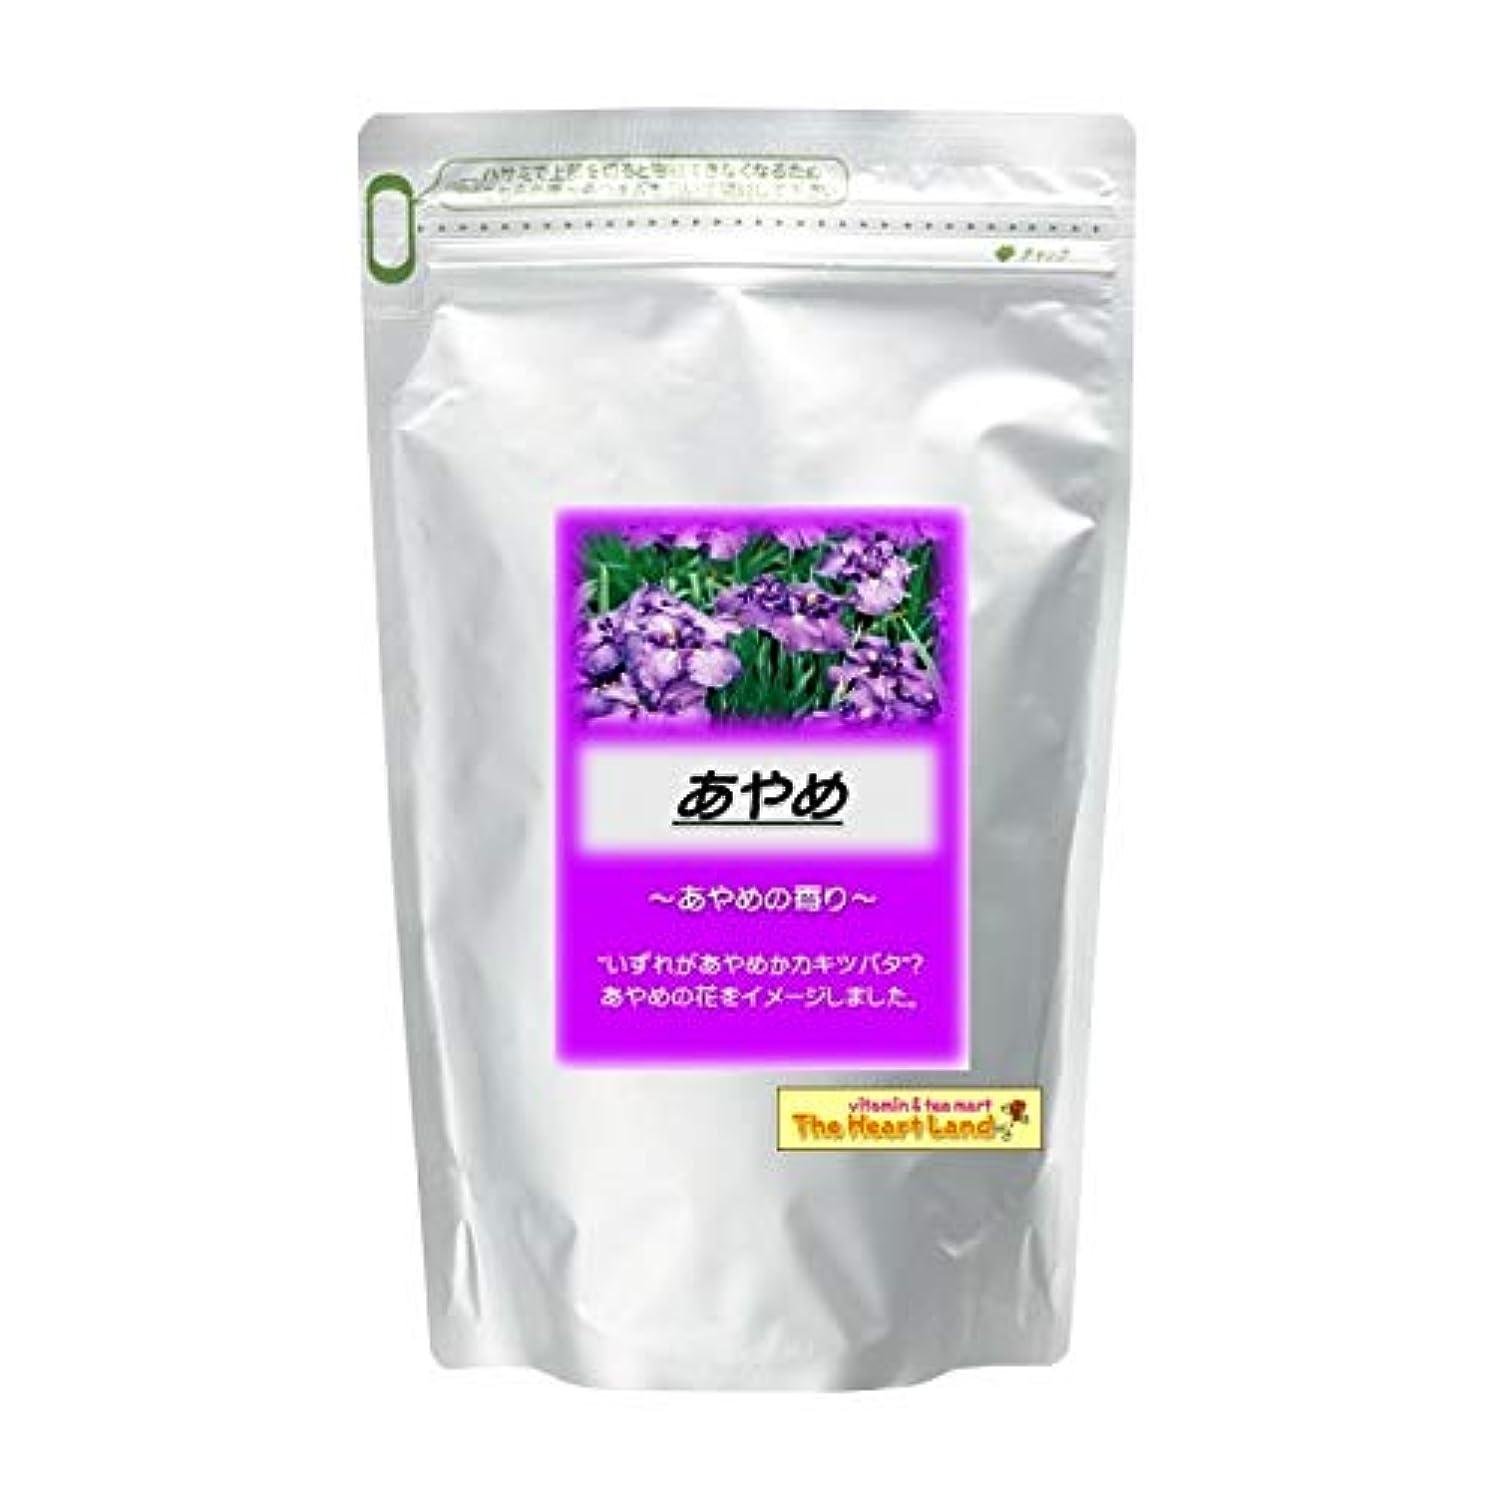 アストロラーベピジン哺乳類アサヒ入浴剤 浴用入浴化粧品 あやめ 2.5kg